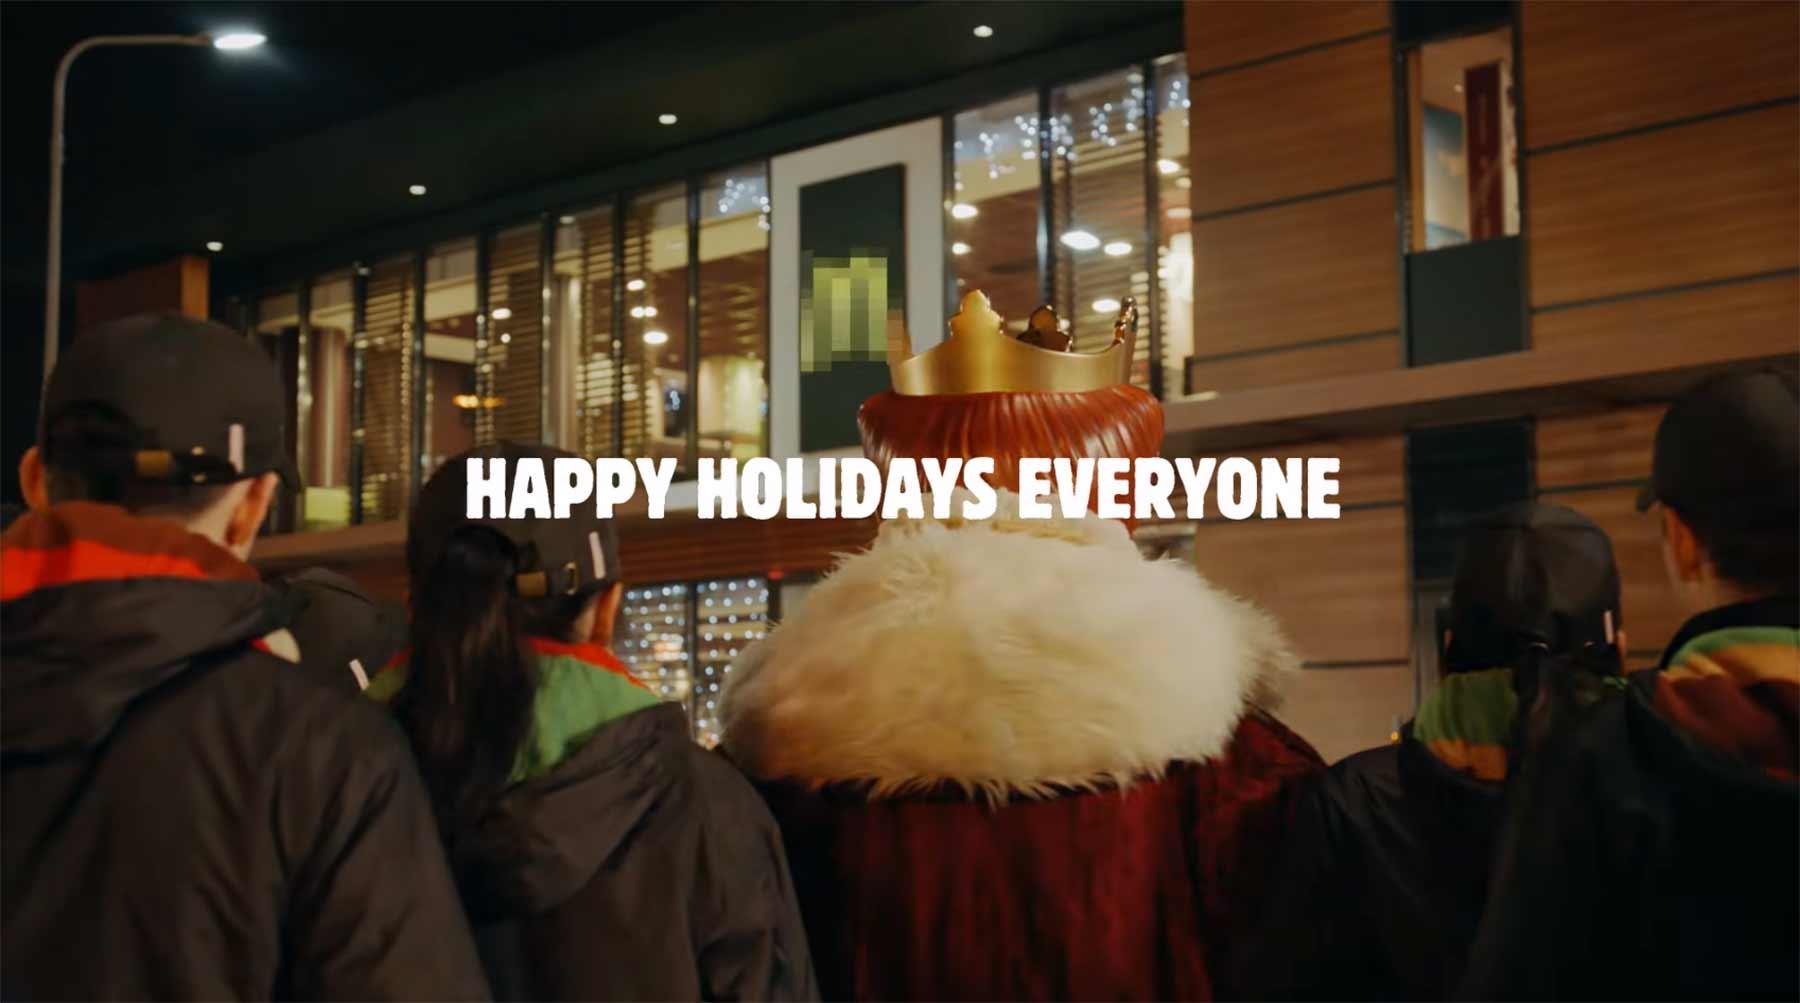 Burger King schenkt der Konkurrenz einen vernünftigen Grill zum Fest burger-king-gift-of-fire_02